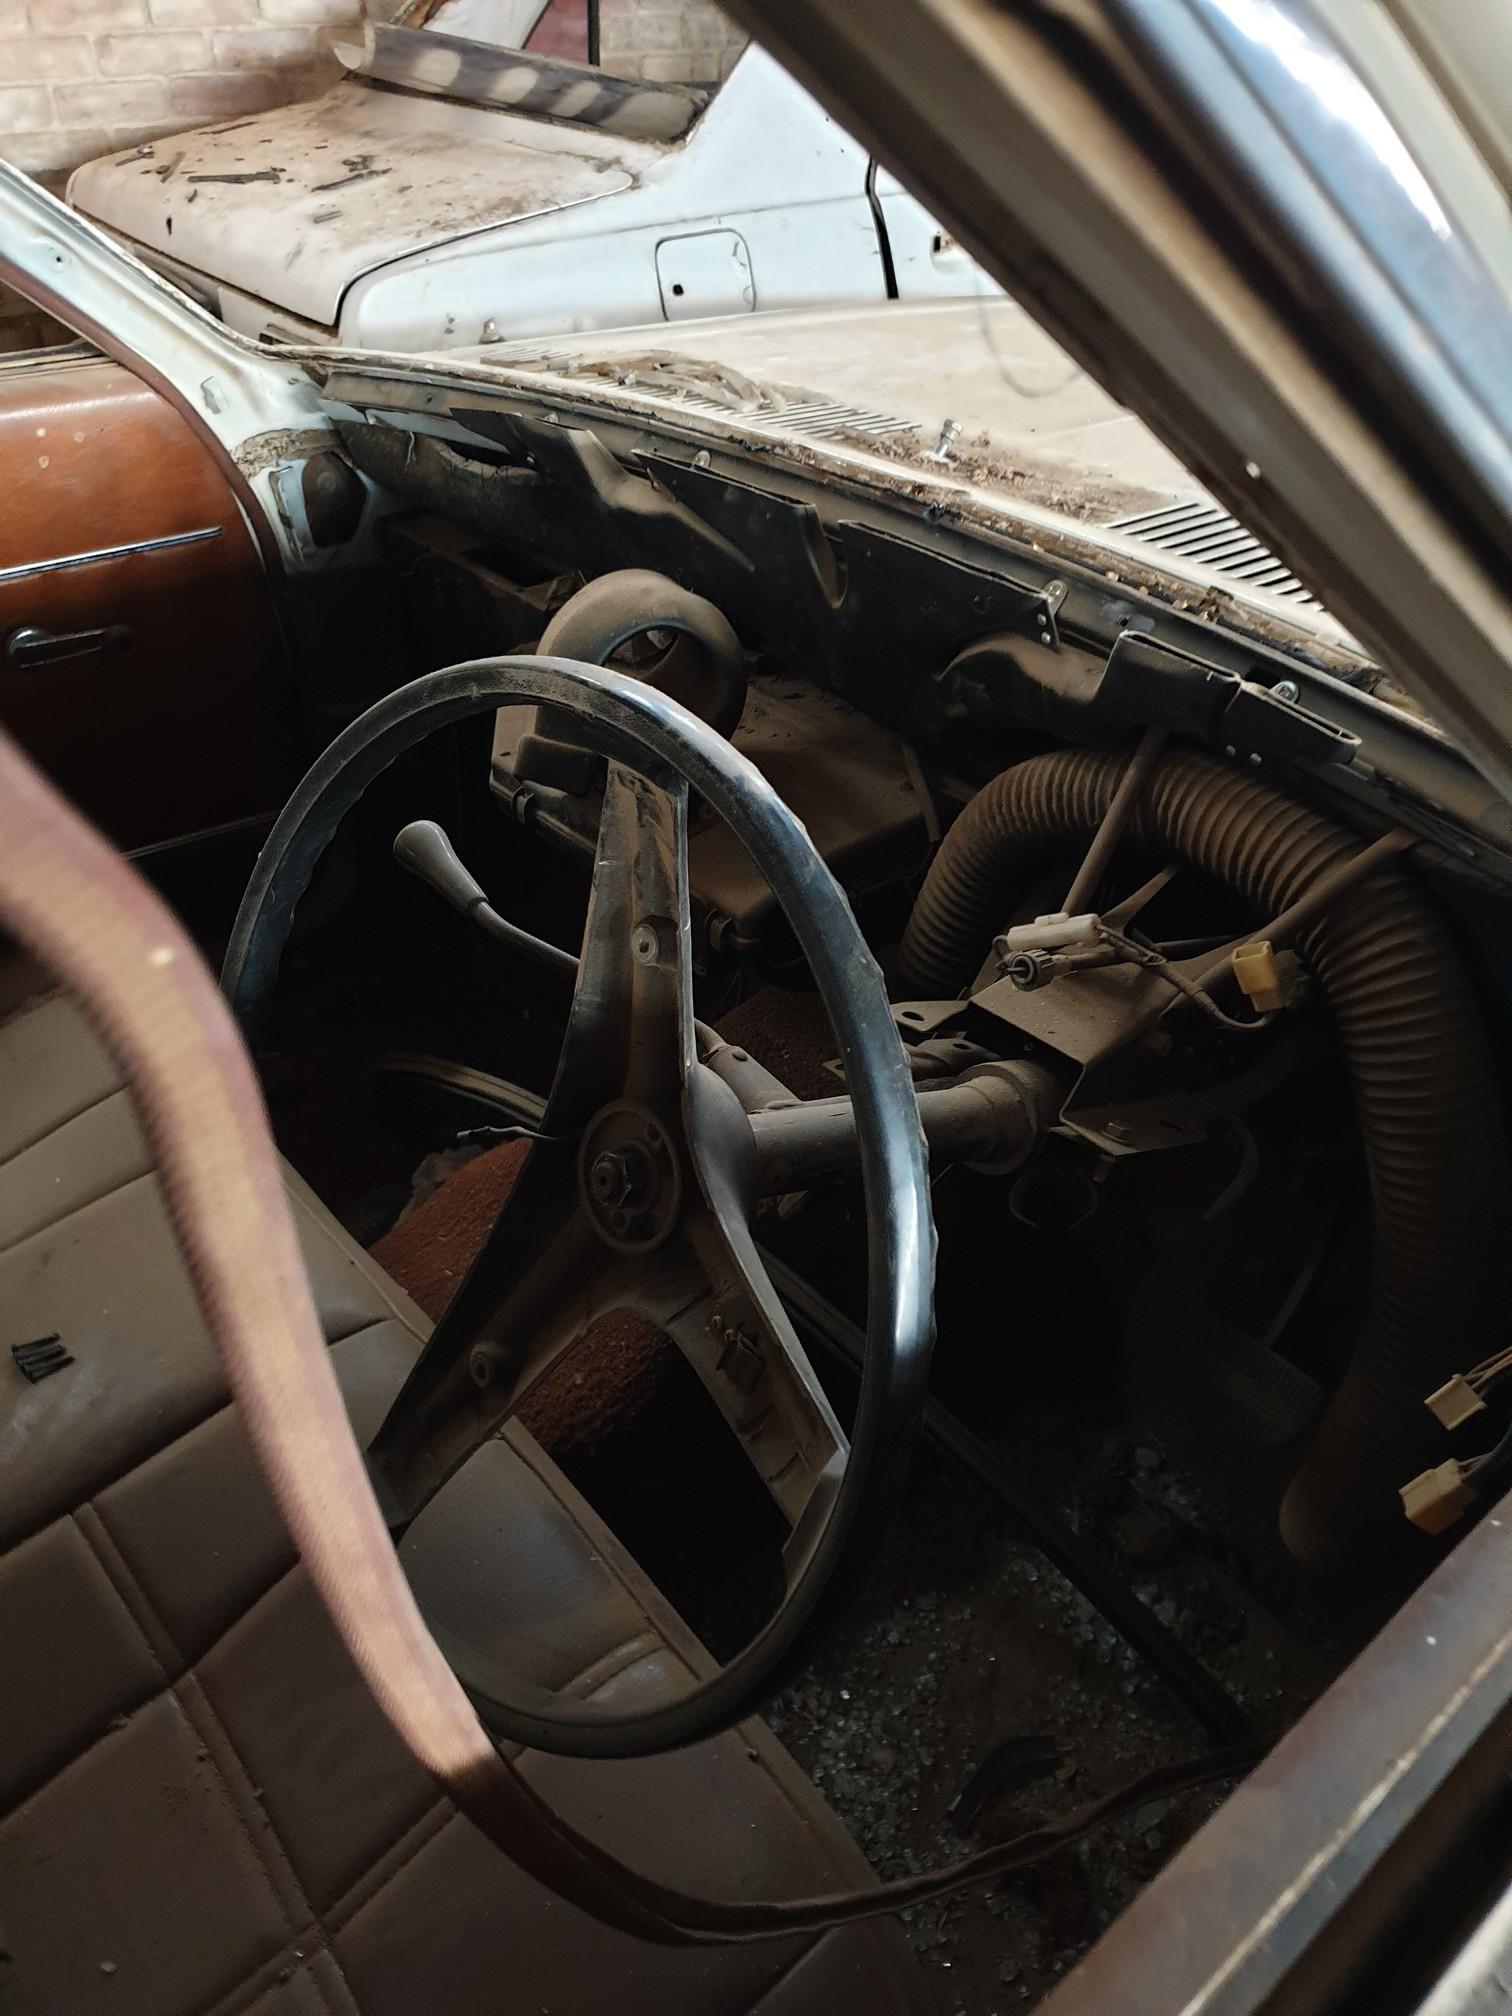 Datsun 300c project